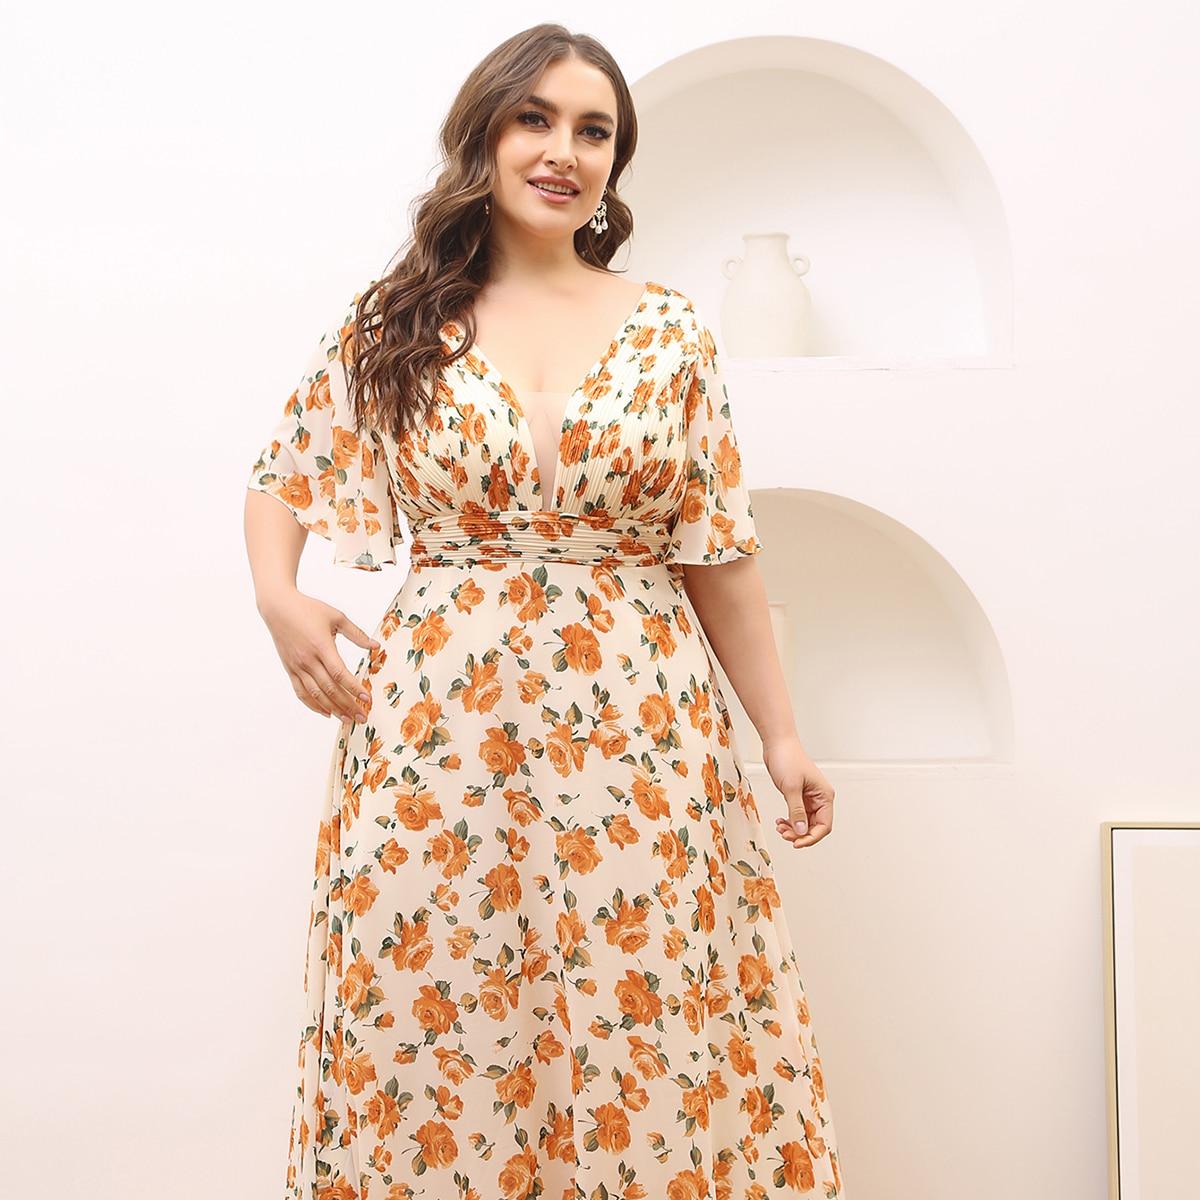 Сетчатое платье размера плюс с цветочным принтом